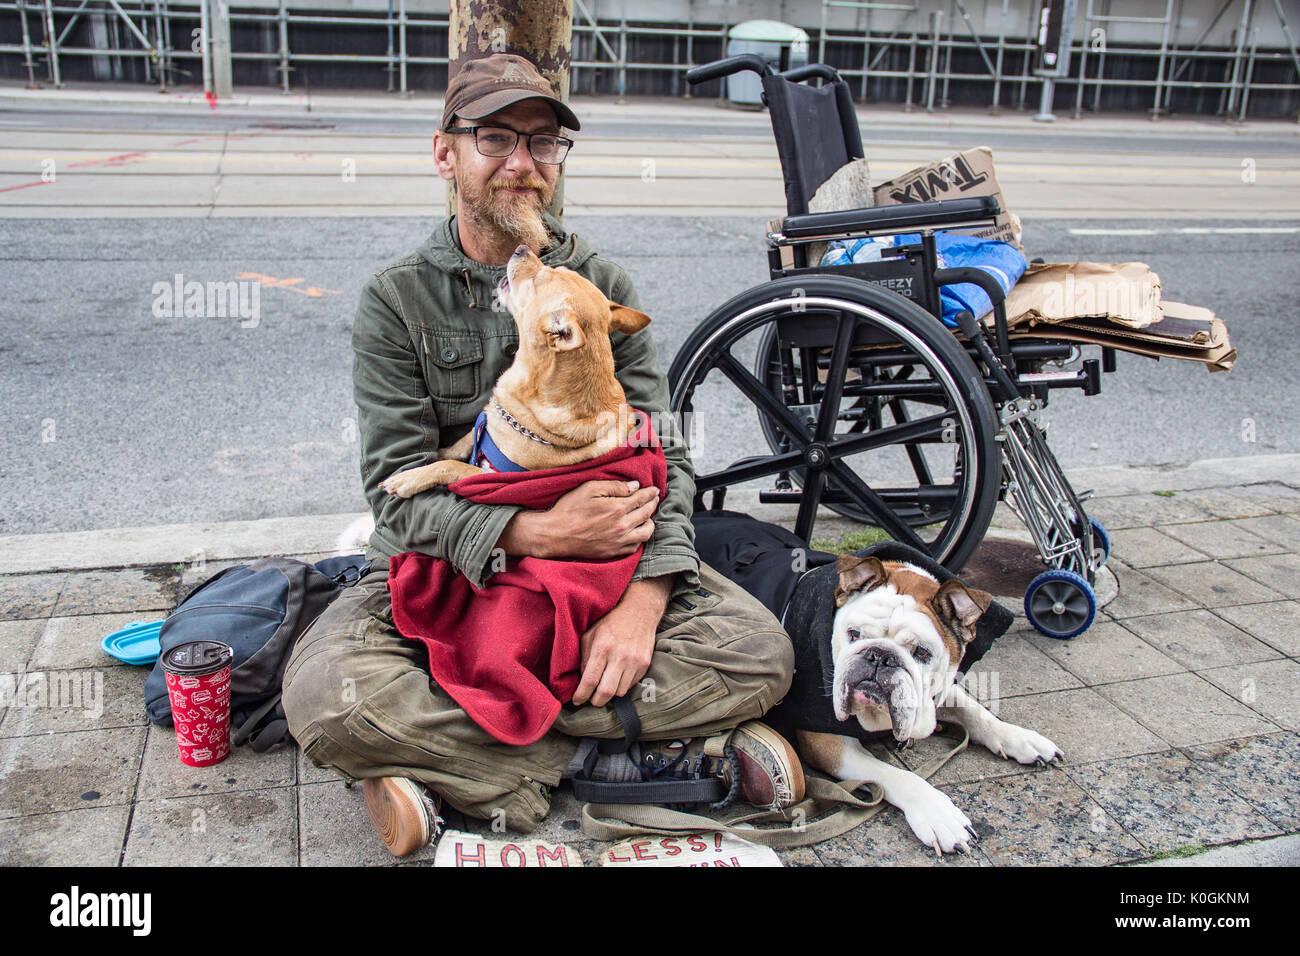 Street photography, un senzatetto con cani, scena urbana, grande città Immagini Stock